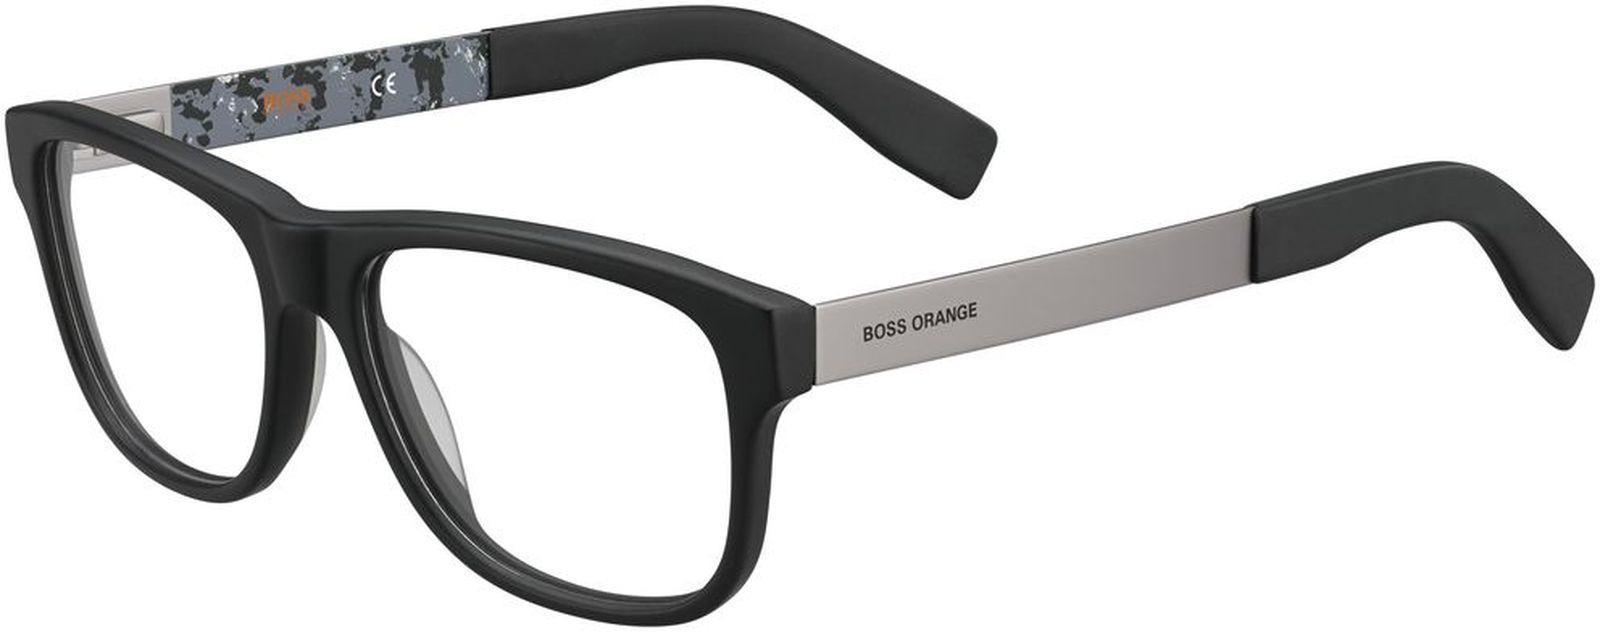 цены на Оправа для очков мужская Boss Orange 271, HUO-157544JNI5316, серый  в интернет-магазинах